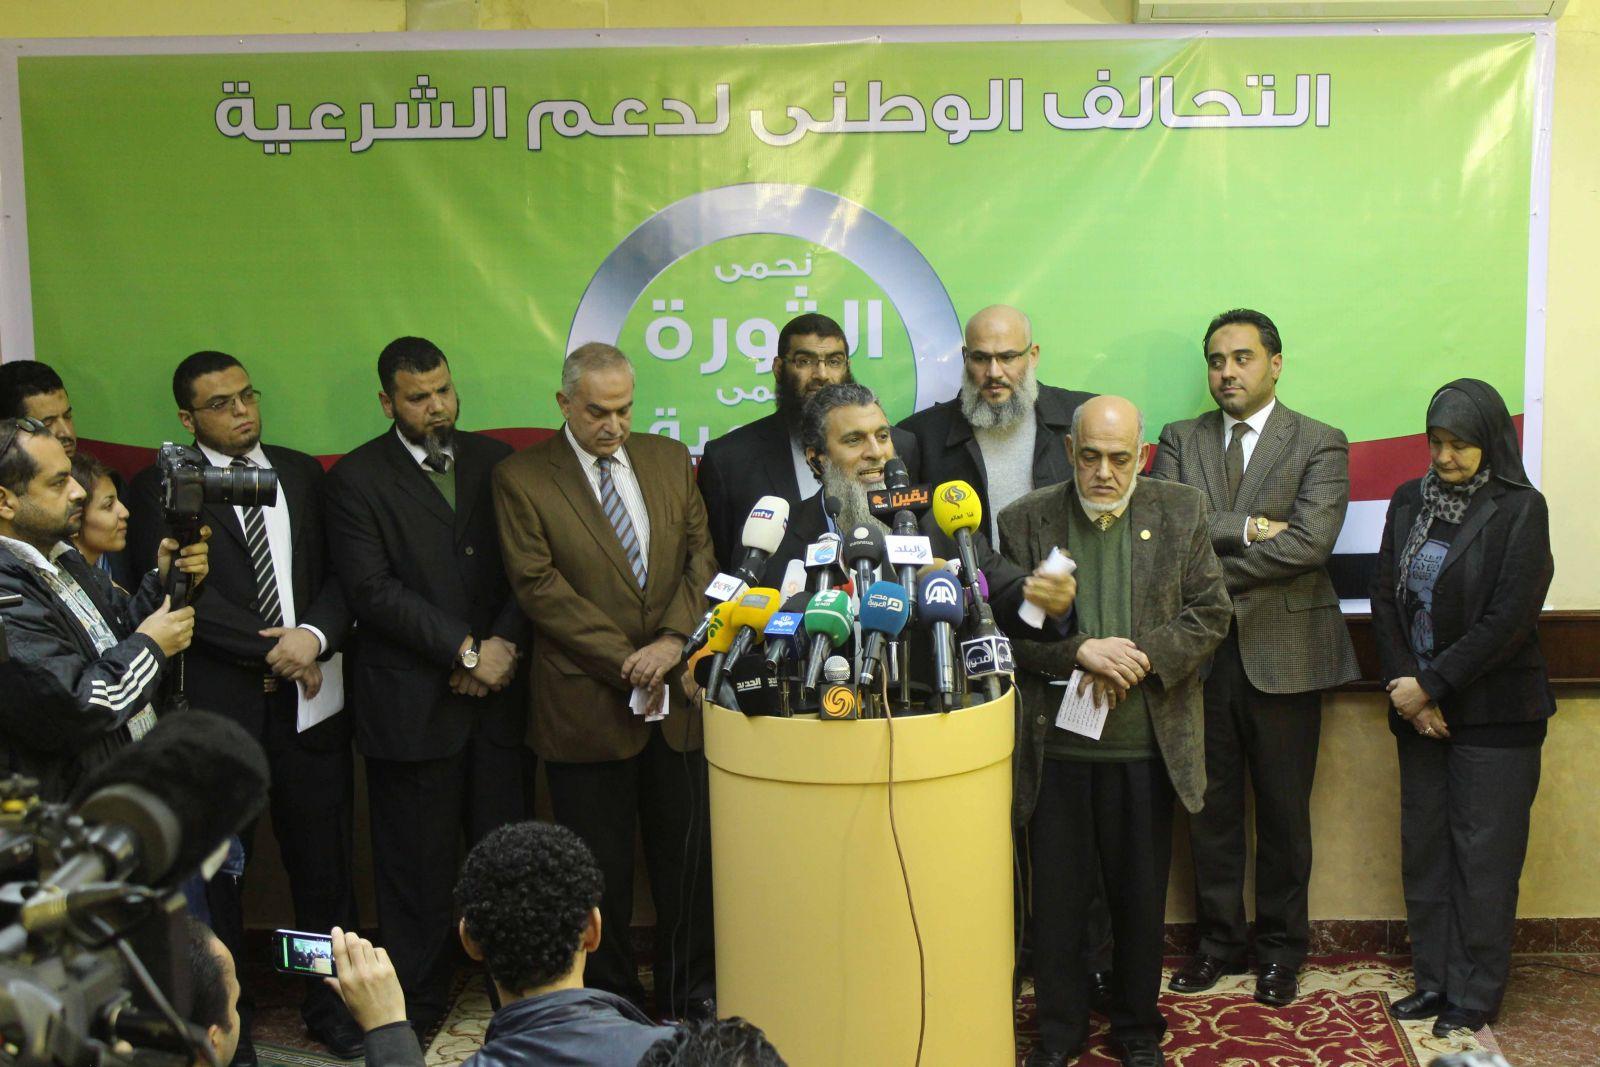 الإخوان المسلمون في مصر بين مبادرتين-1